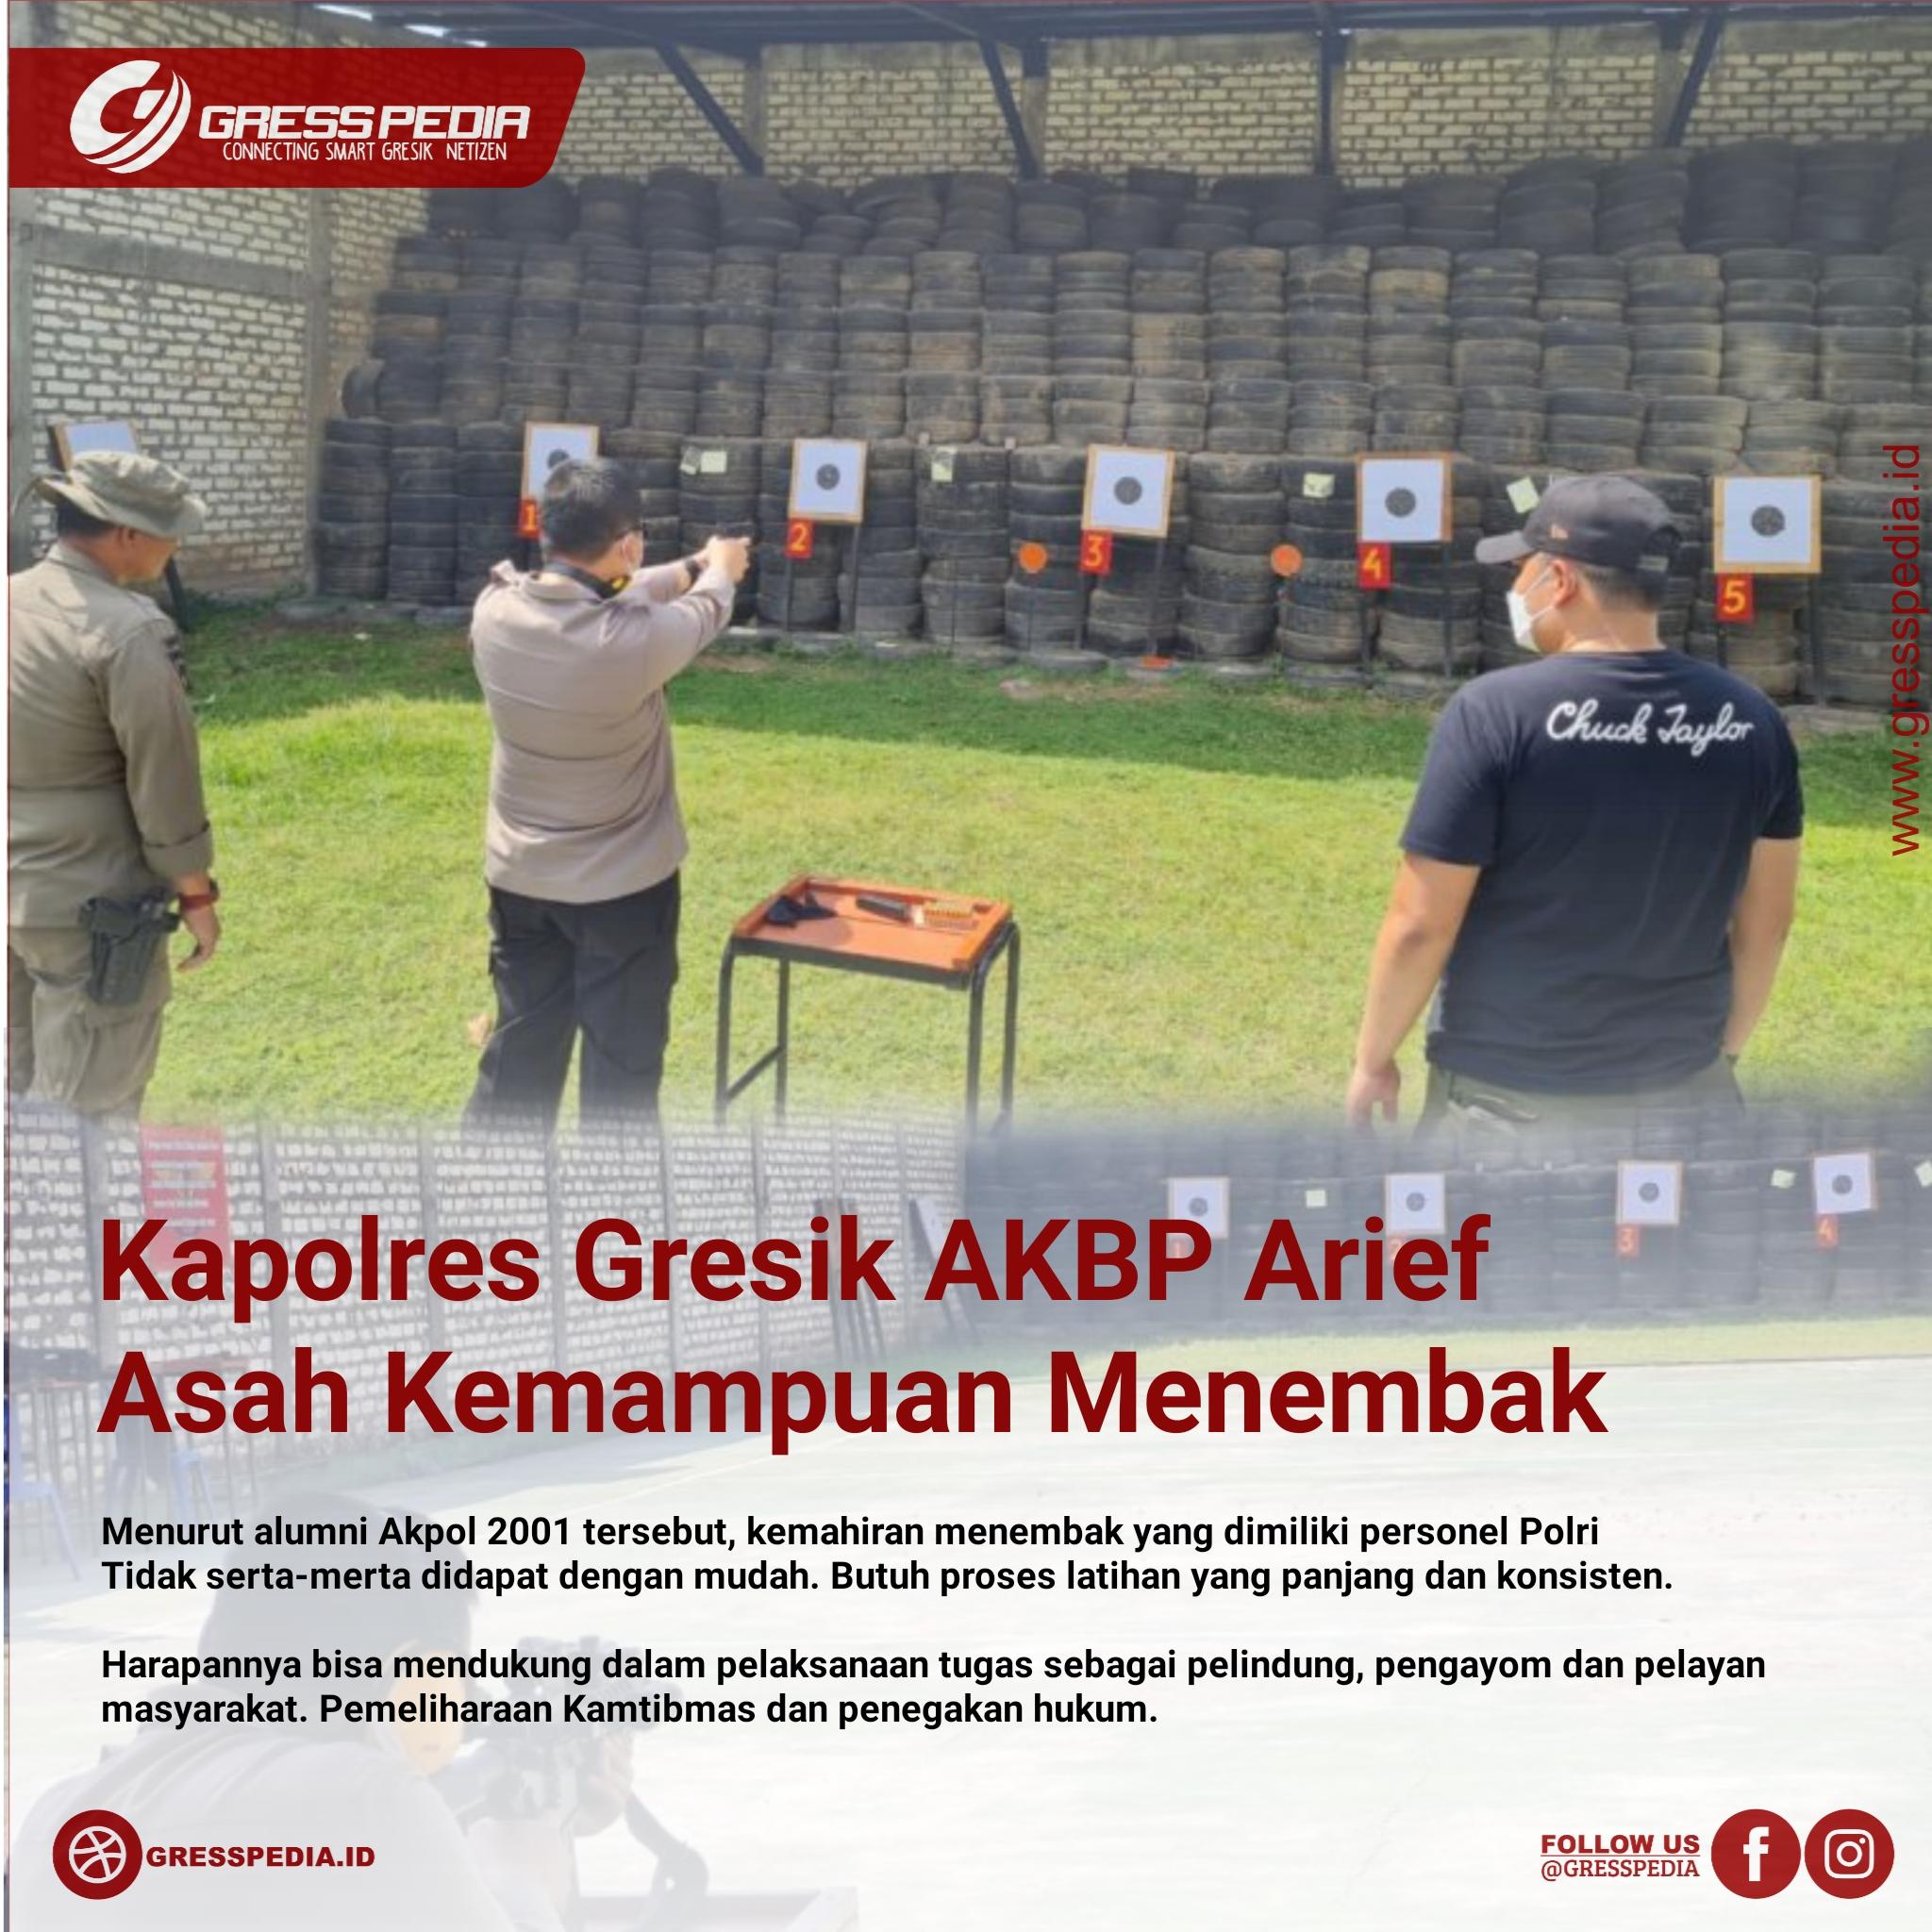 Kapolres Gresik AKBP Arief Asah Kemampuan Menembak